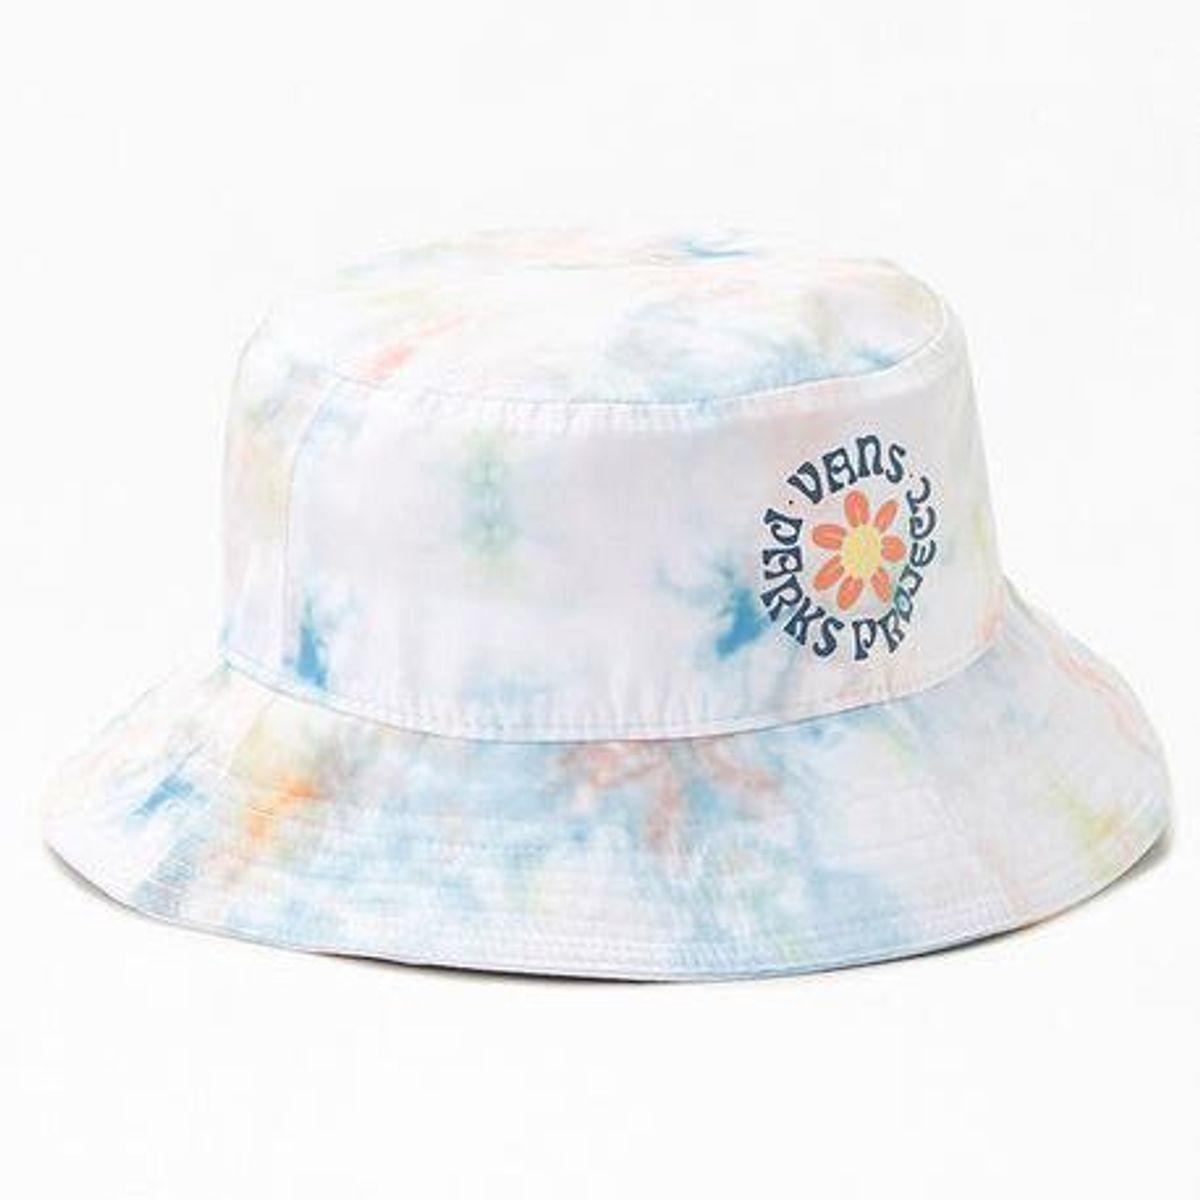 vans x parks project better bucket hat